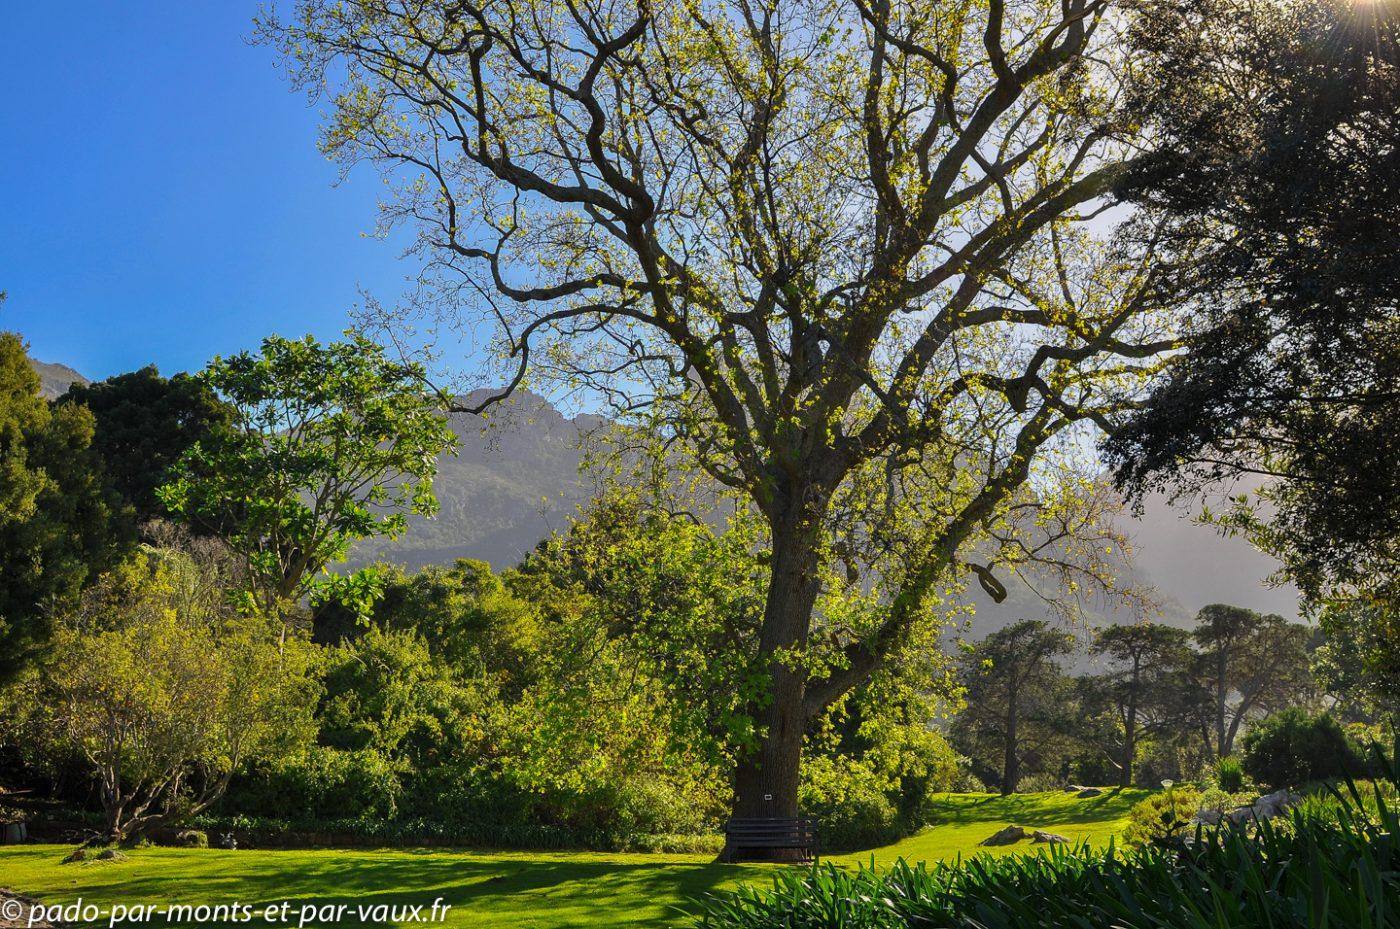 Cape Town - Kirstenbosch National Botanical Garden